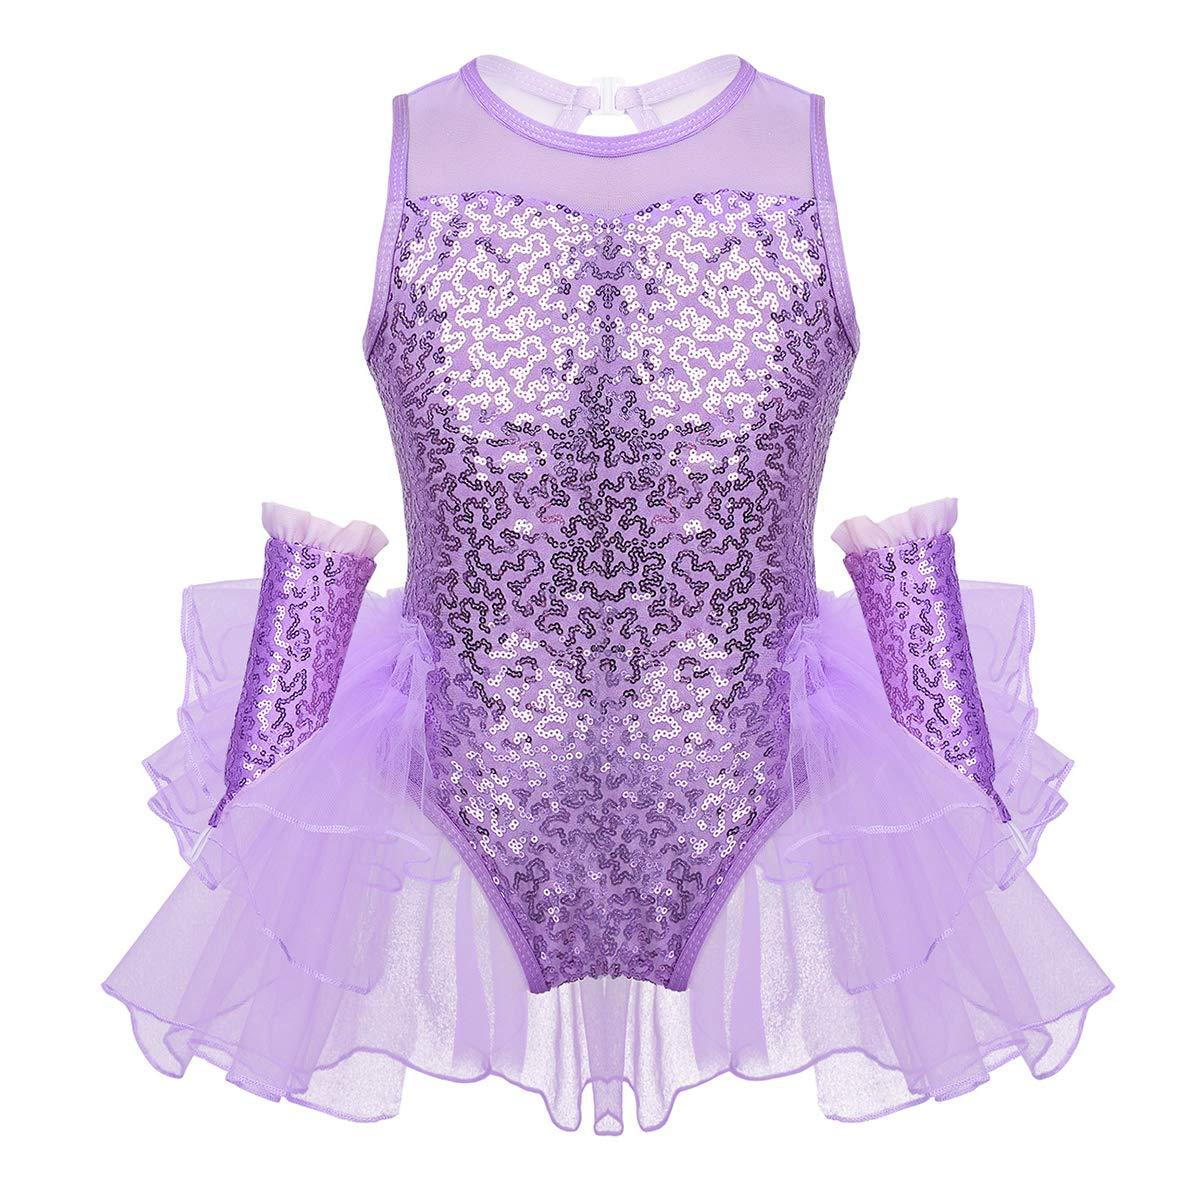 Freebily Vestito Danza Classica Bambina Abito da Ballo Latino Samba Tango Paillettes Tuta Danza Moderna Tutu Ballerina da Balletto Body Pattinaggio Artistico Dancewaer